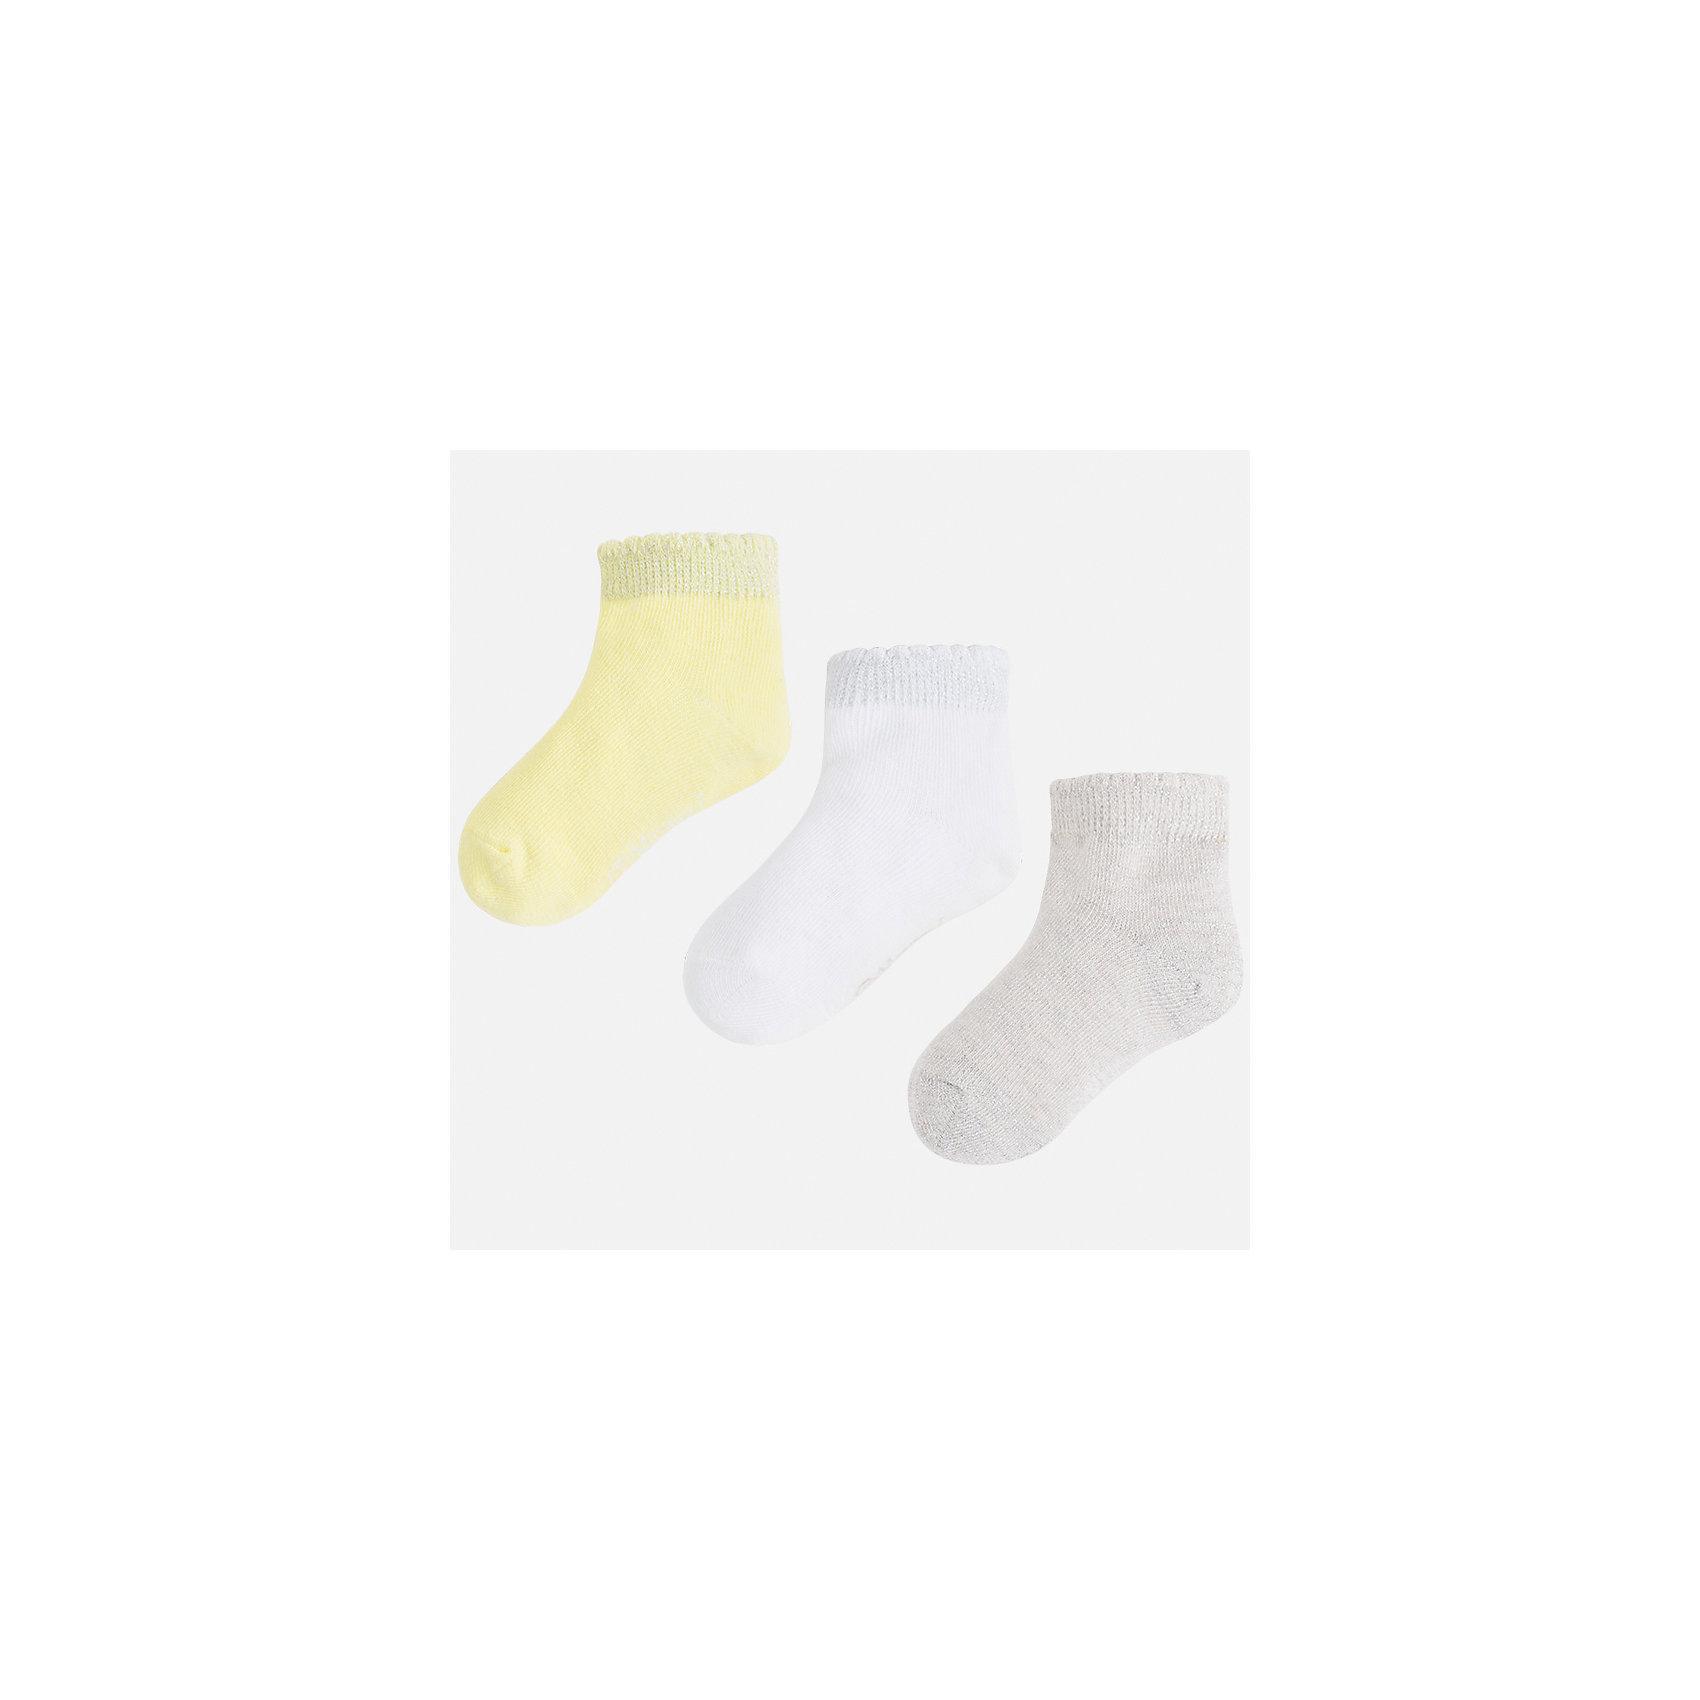 Носки (3 пары) для девочки MayoralНоски<br>Характеристики товара:<br><br>• цвет: жёлтый/белый/серый<br>• состав: 72% хлопок, 20% полиэстер, 17% металлизированная нить, 3% эластан<br>• комплектация: три пары<br>• мягкая широкая резинка<br>• эластичный материал<br>• однотонные<br>• страна бренда: Испания<br><br>Удобные симпатичные носки для девочки помогут обеспечить ребенку комфорт и дополнить наряд. Универсальный цвет позволяет надевать их под обувь разных расцветок. Носки удобно сидят на ноге и аккуратно смотрятся. В составе материала - натуральный хлопок, гипоаллергенный, приятный на ощупь, дышащий. <br><br>Одежда, обувь и аксессуары от испанского бренда Mayoral полюбились детям и взрослым по всему миру. Модели этой марки - стильные и удобные. Для их производства используются только безопасные, качественные материалы и фурнитура. Порадуйте ребенка модными и красивыми вещами от Mayoral! <br><br>Носки (3 пары) для девочки от испанского бренда Mayoral (Майорал) можно купить в нашем интернет-магазине.<br><br>Ширина мм: 87<br>Глубина мм: 10<br>Высота мм: 105<br>Вес г: 115<br>Цвет: желтый<br>Возраст от месяцев: 84<br>Возраст до месяцев: 96<br>Пол: Женский<br>Возраст: Детский<br>Размер: 8,2,4,6<br>SKU: 5293499